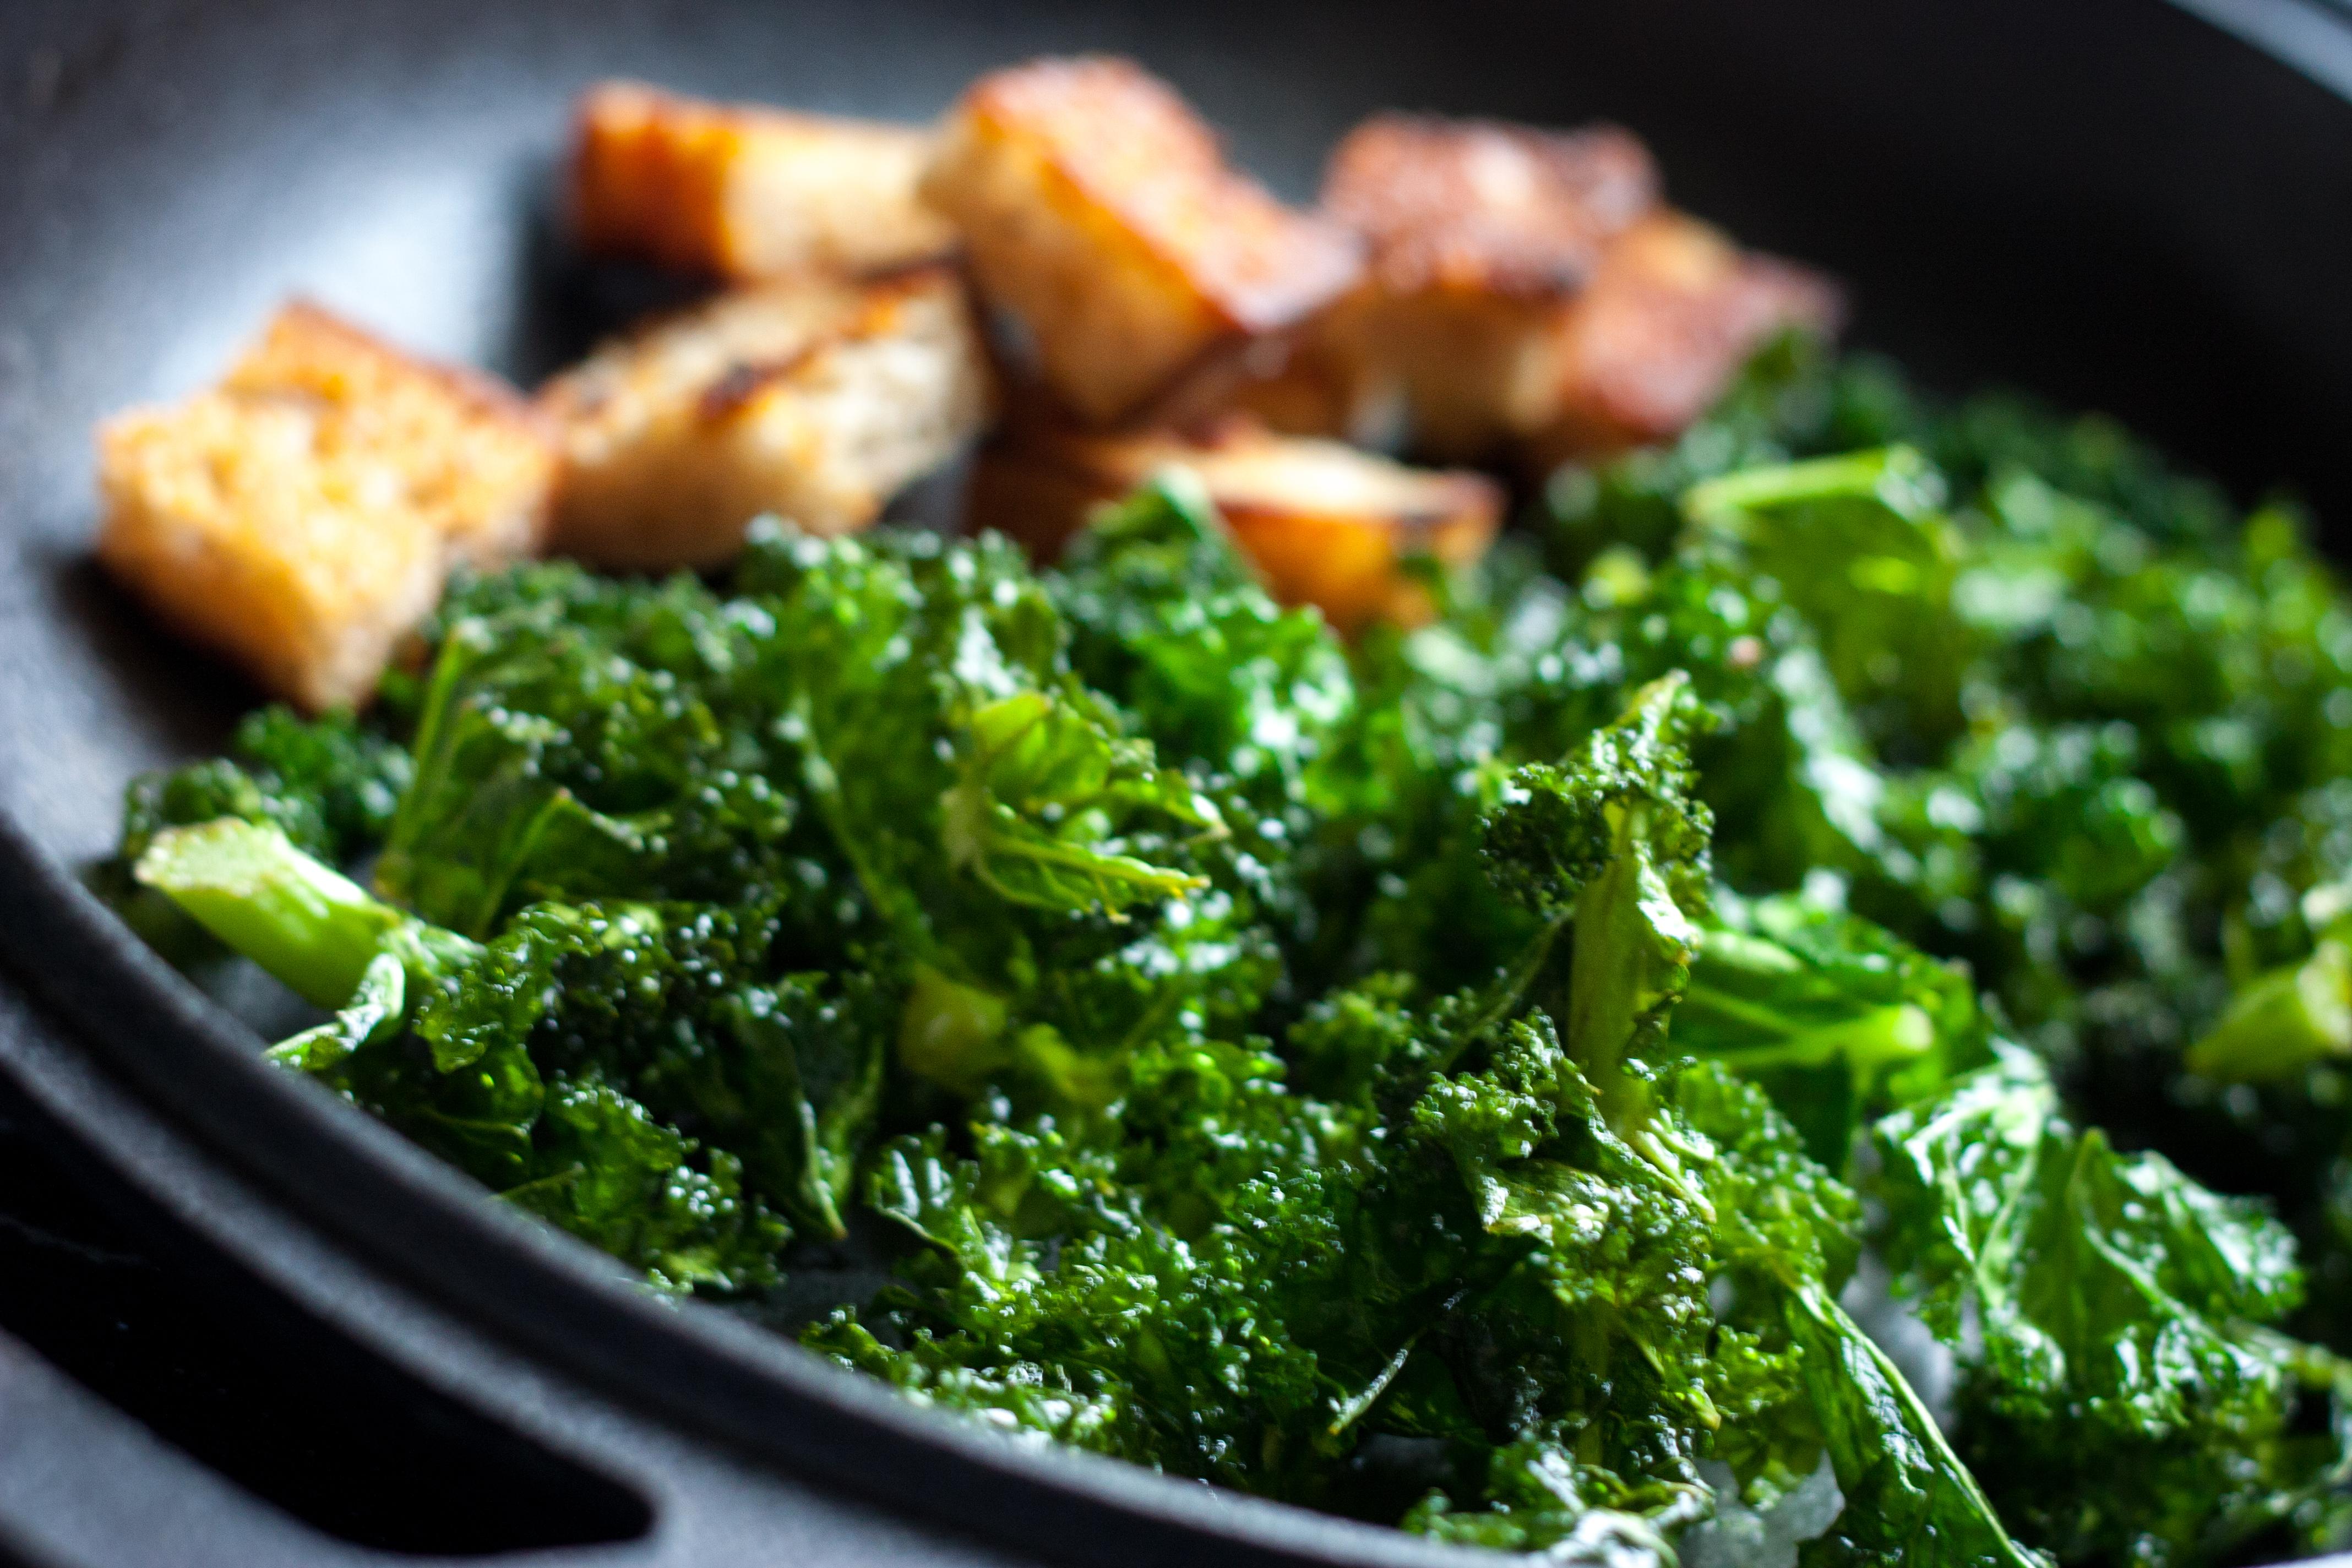 Salatka Z Jarmuzem I Cieplymi Grzankami Food To Warm The Soul